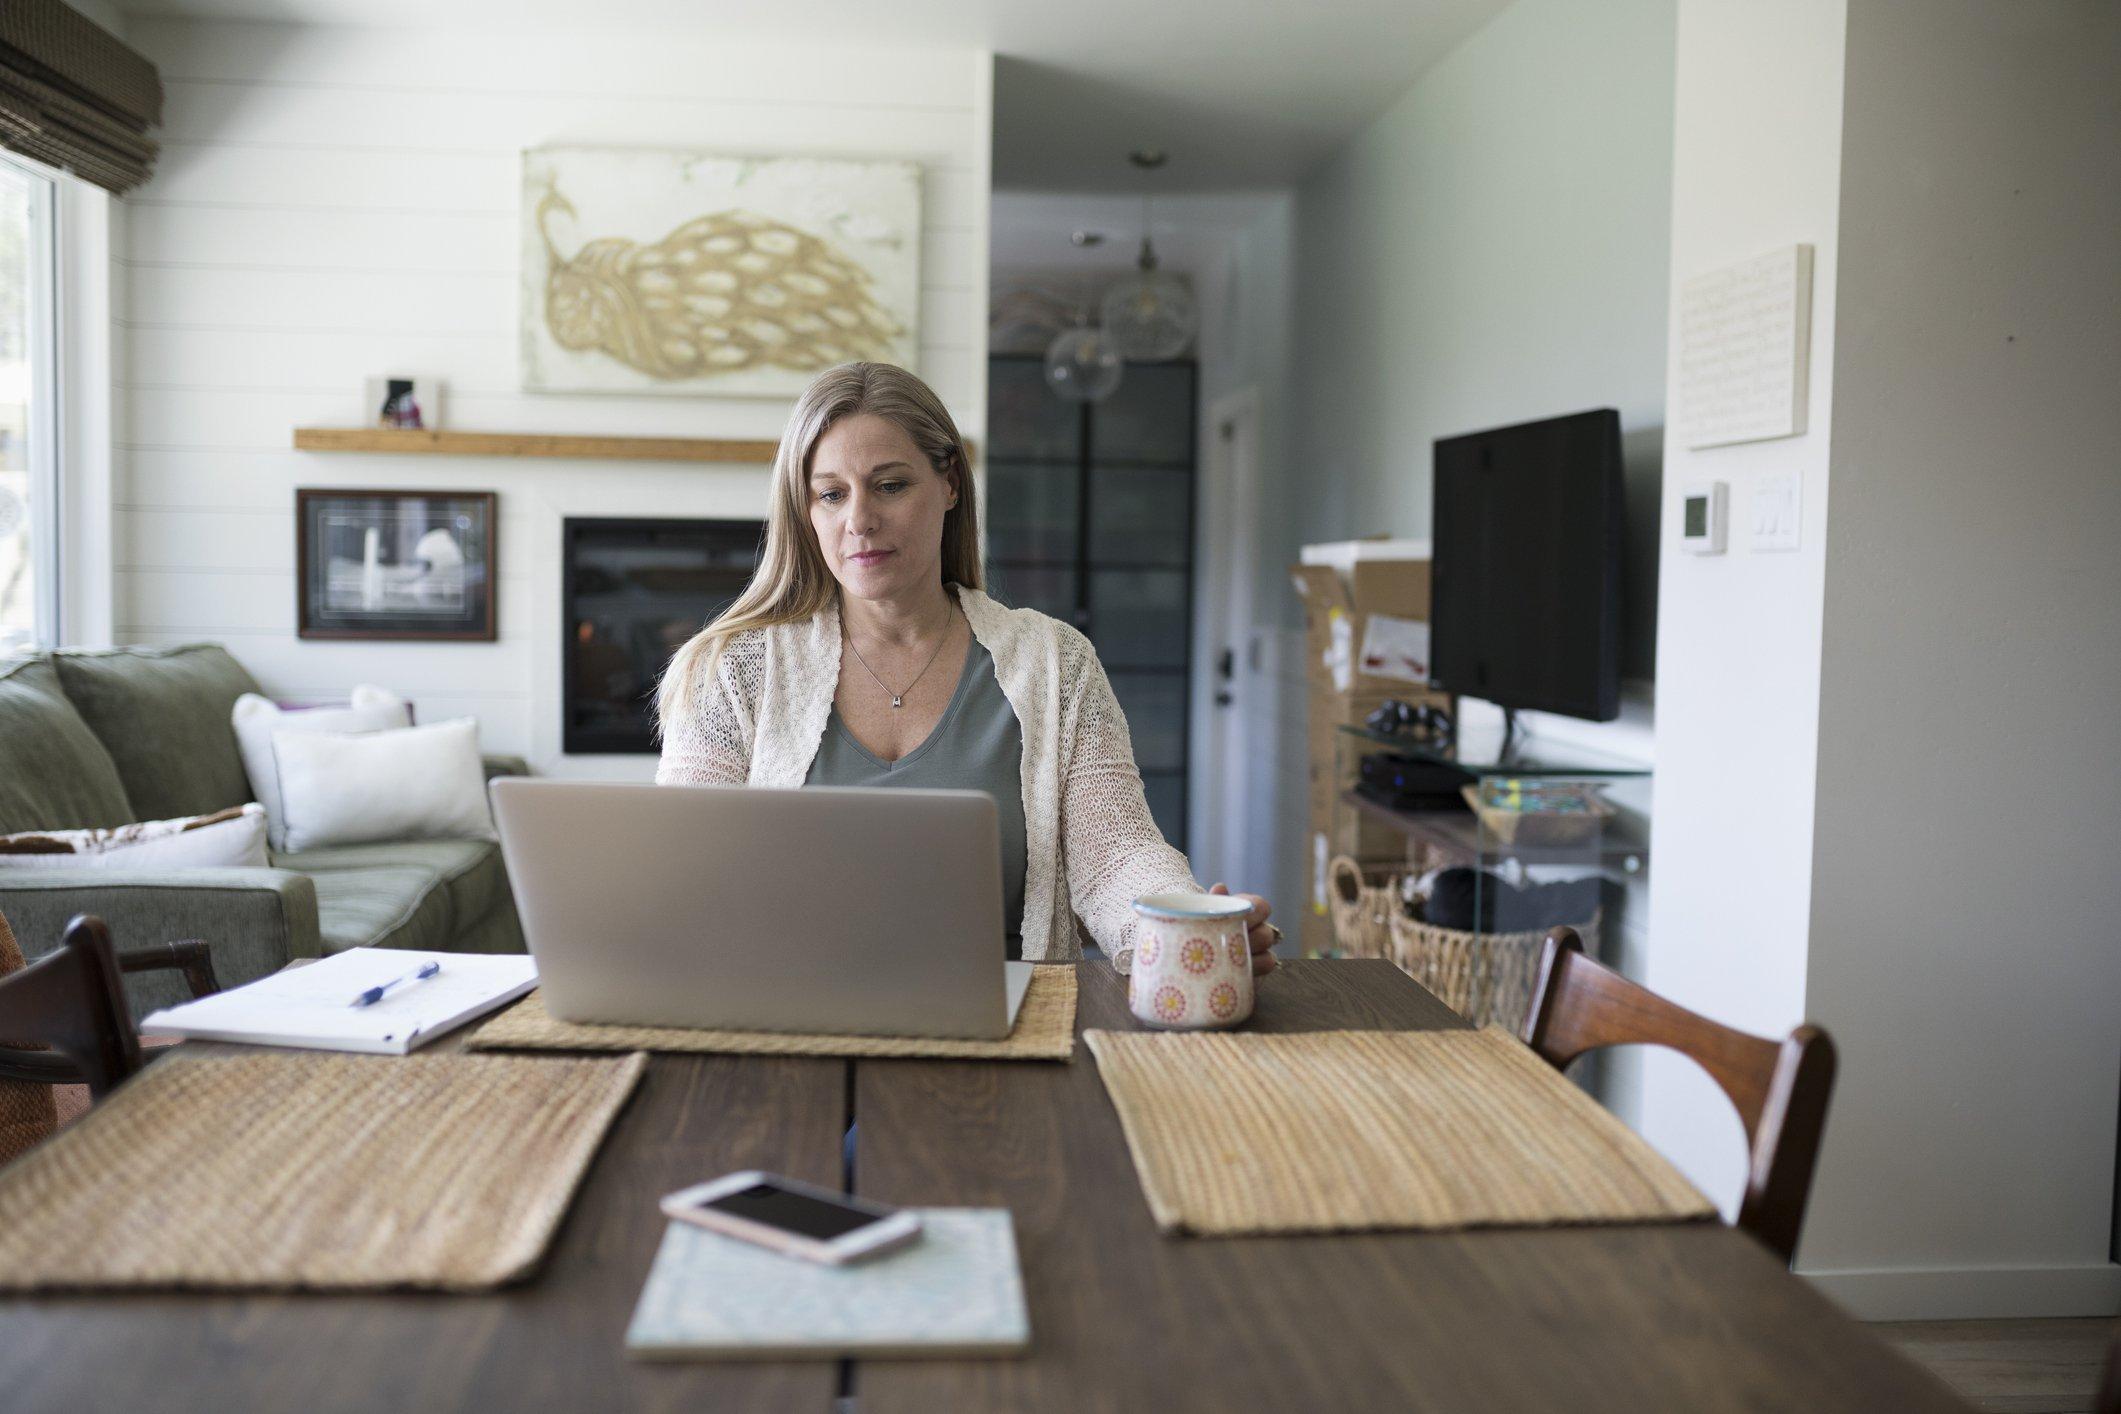 O lado sombrio de home office e trabalho remoto: a solidão   Exame